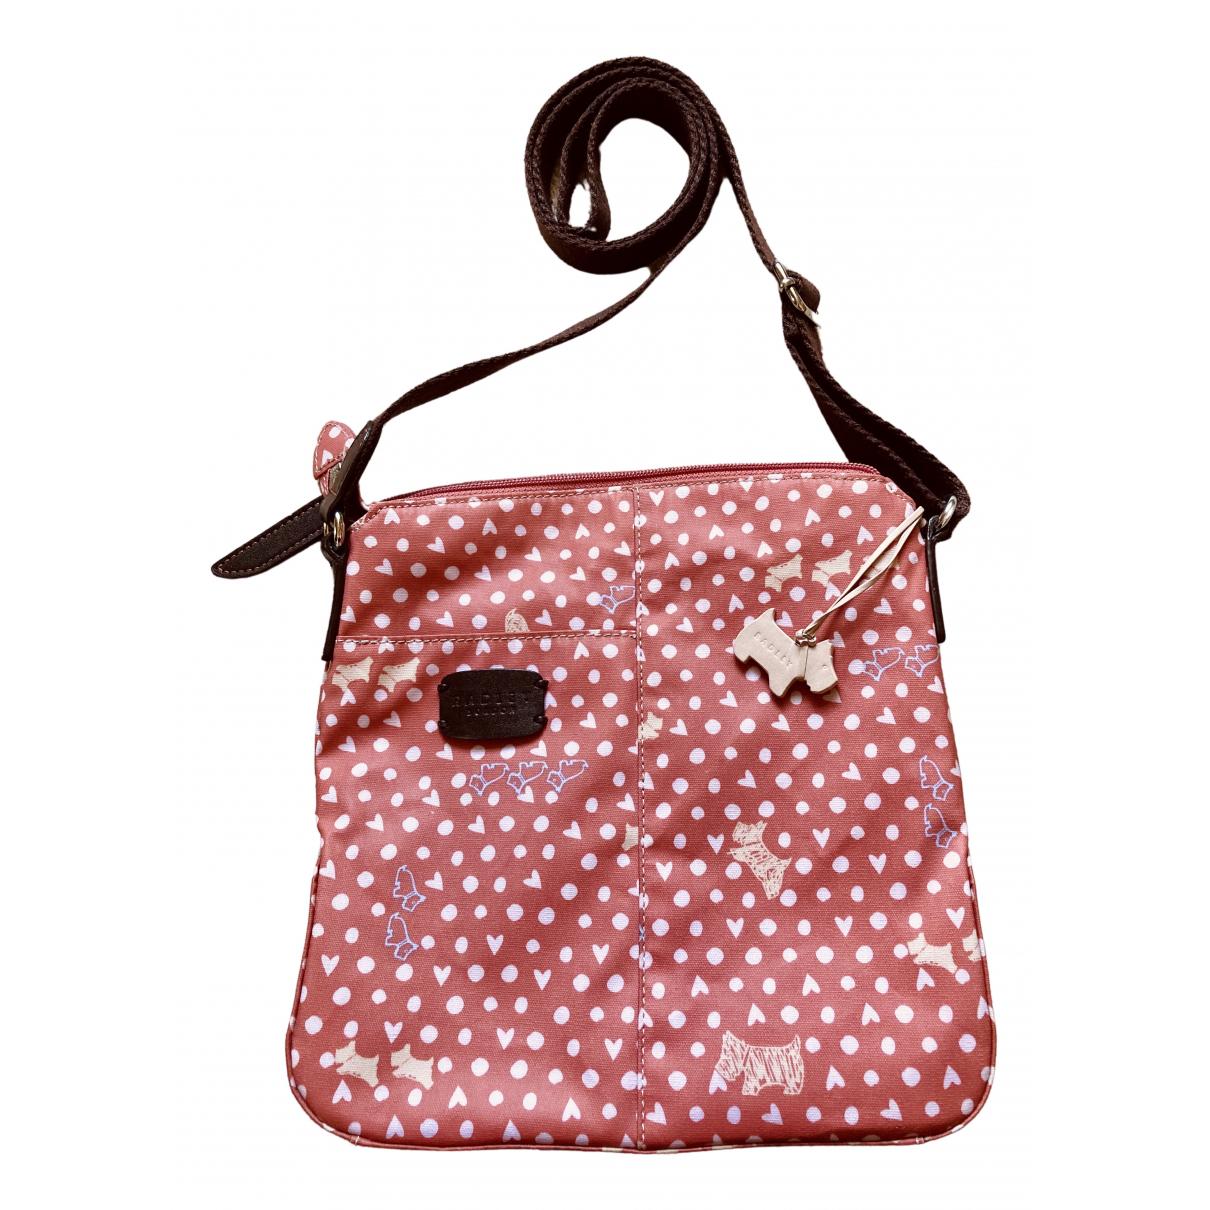 Radley London N Pink handbag for Women N